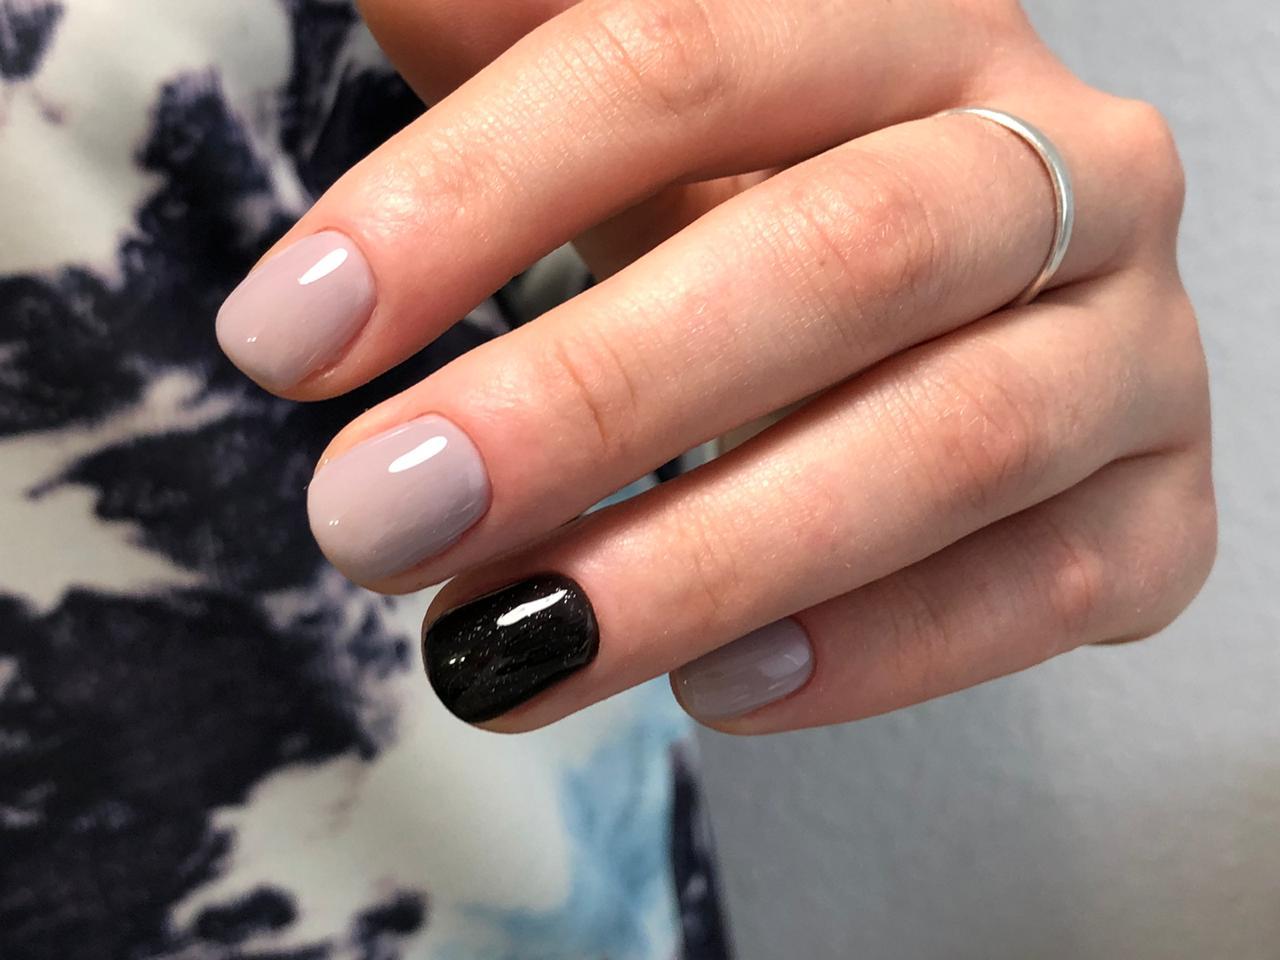 Маникюр с черным дизайном в пастельных тонах на короткие ногти.